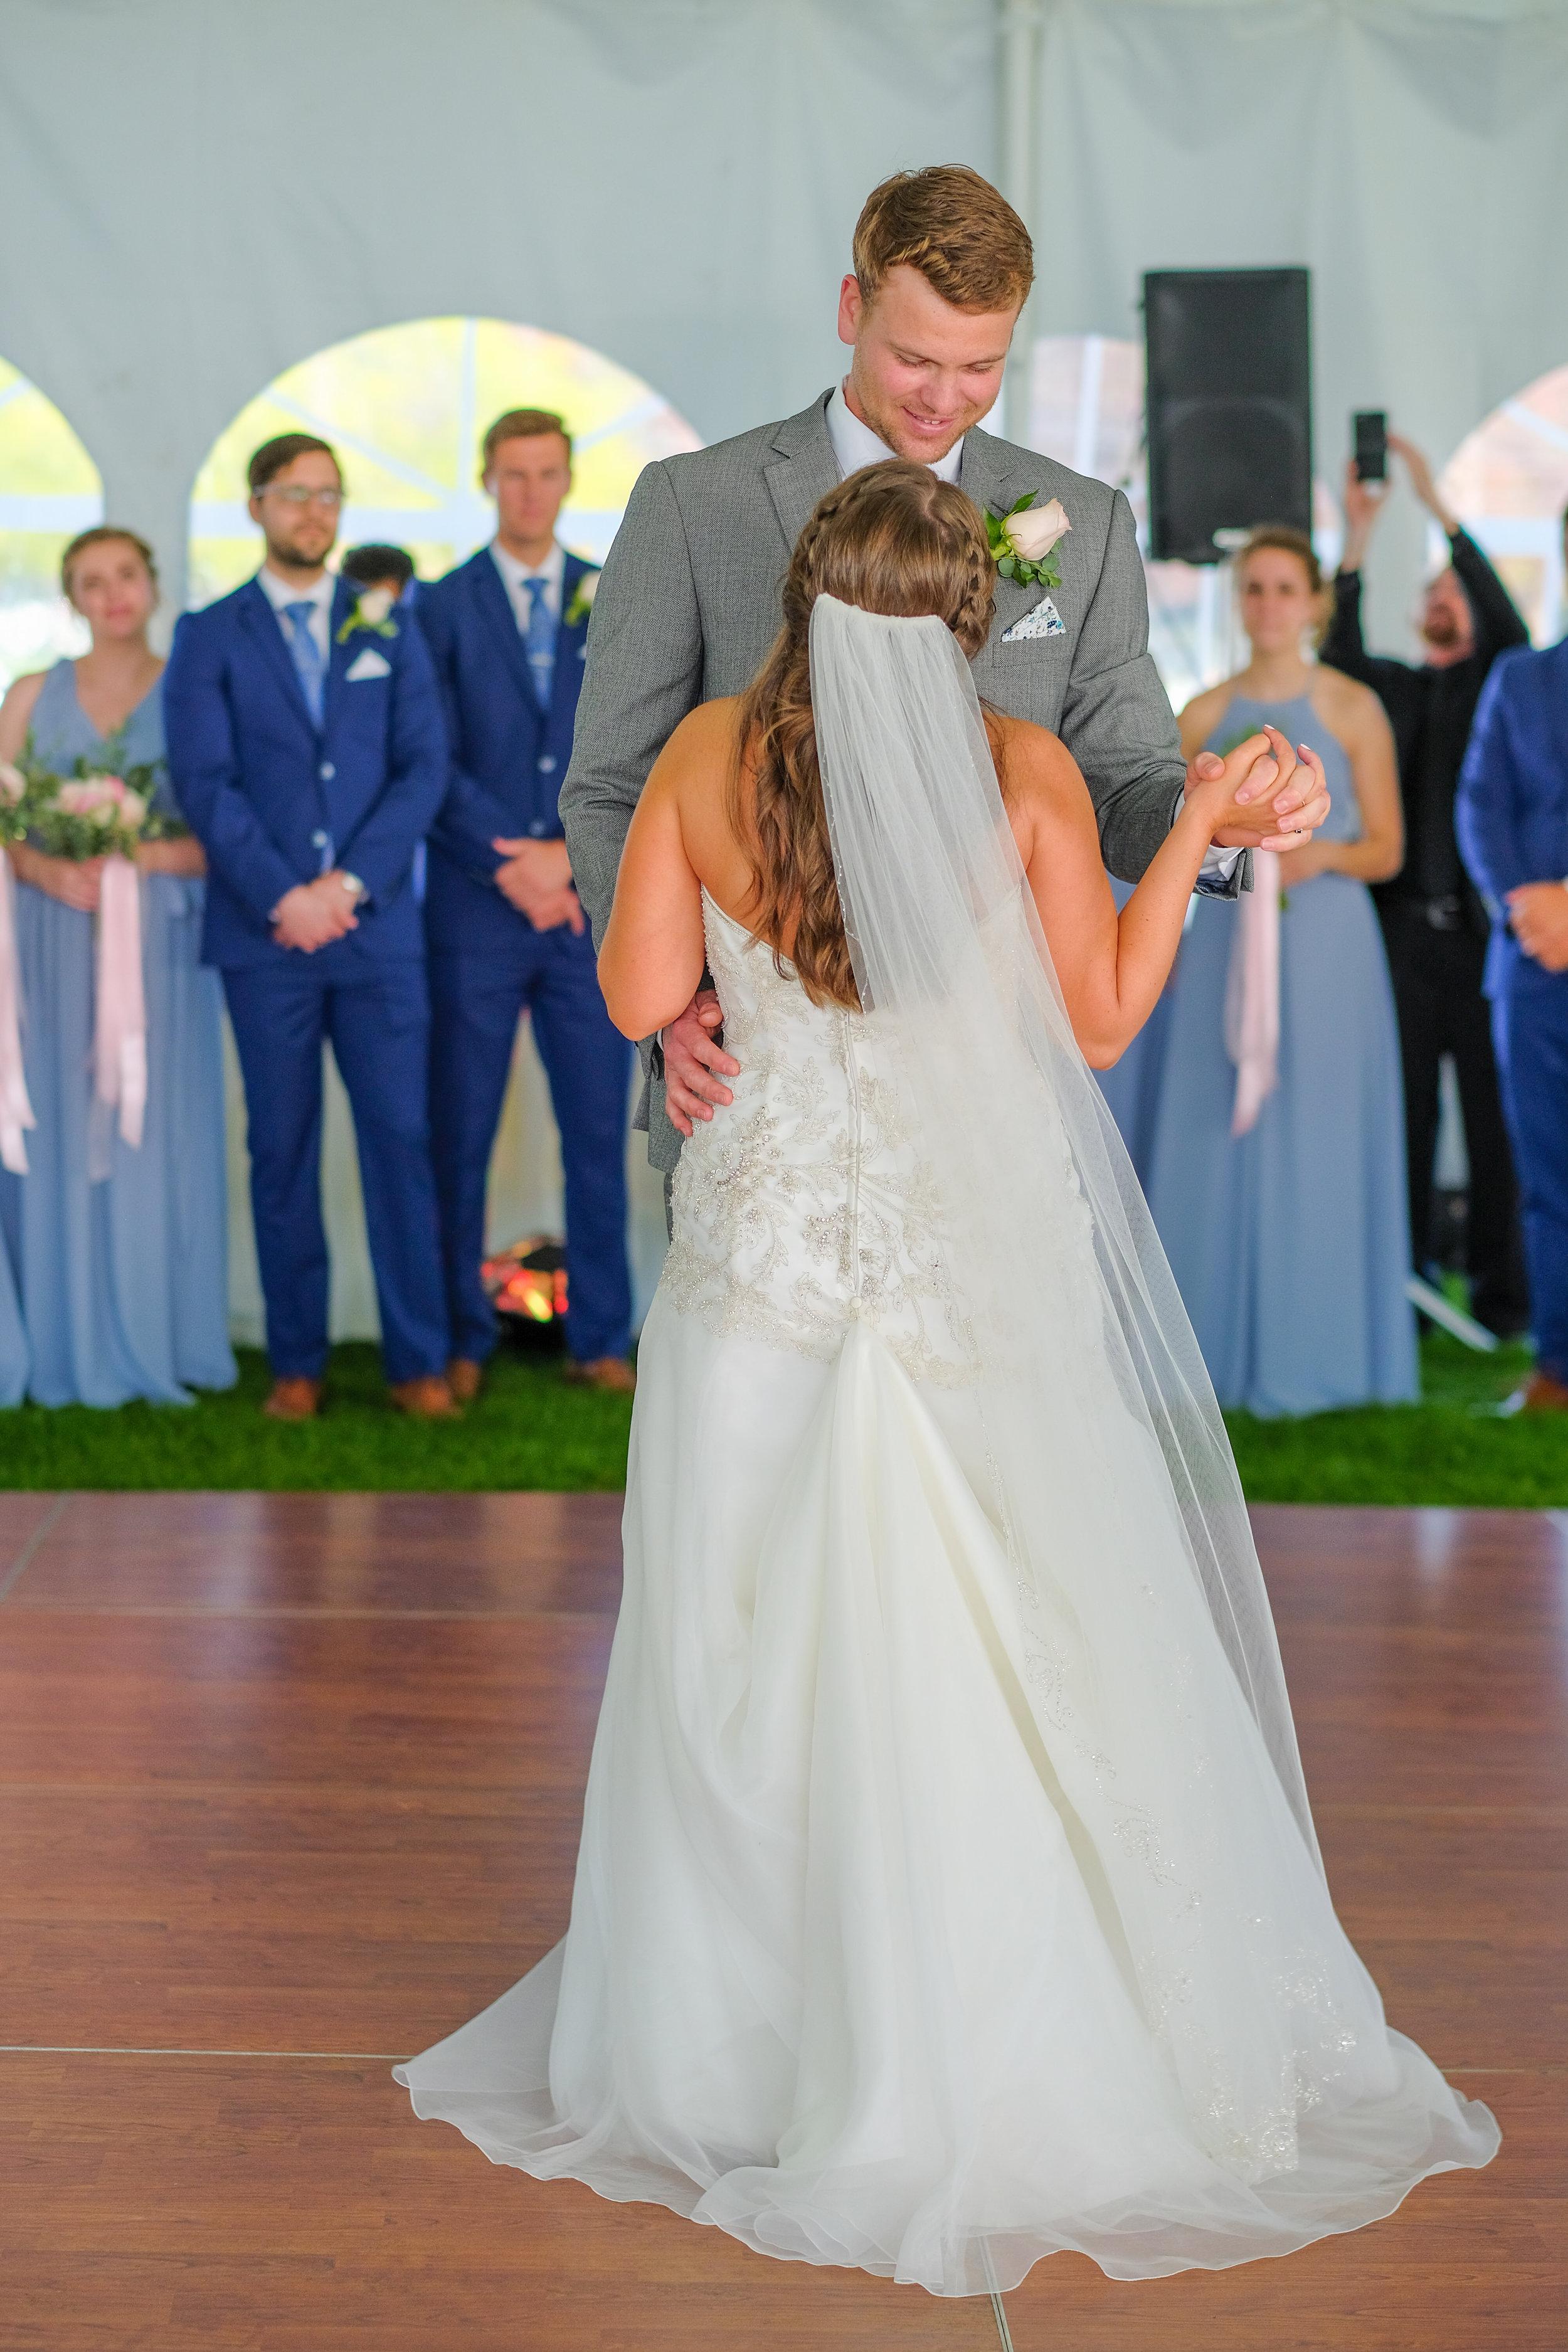 laconia-margate-wedding-photography-581.jpg